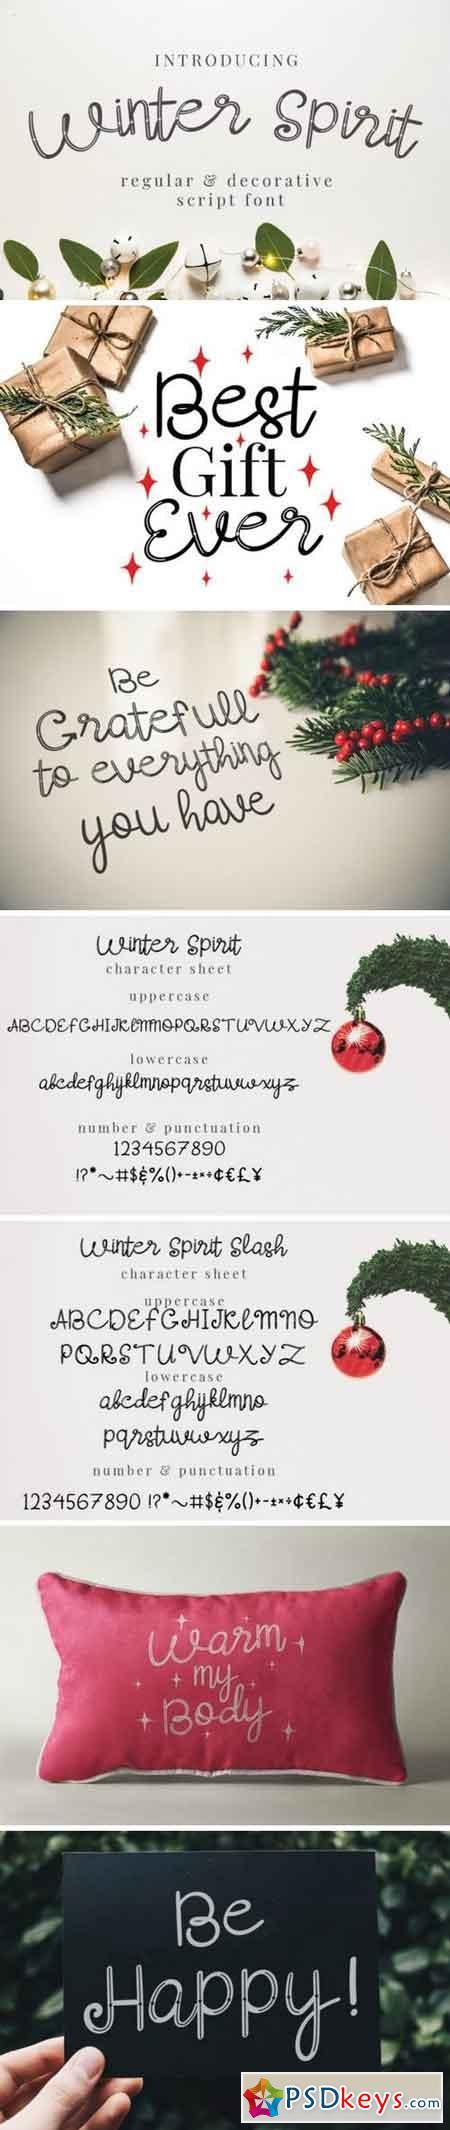 Winter Spirit 179156